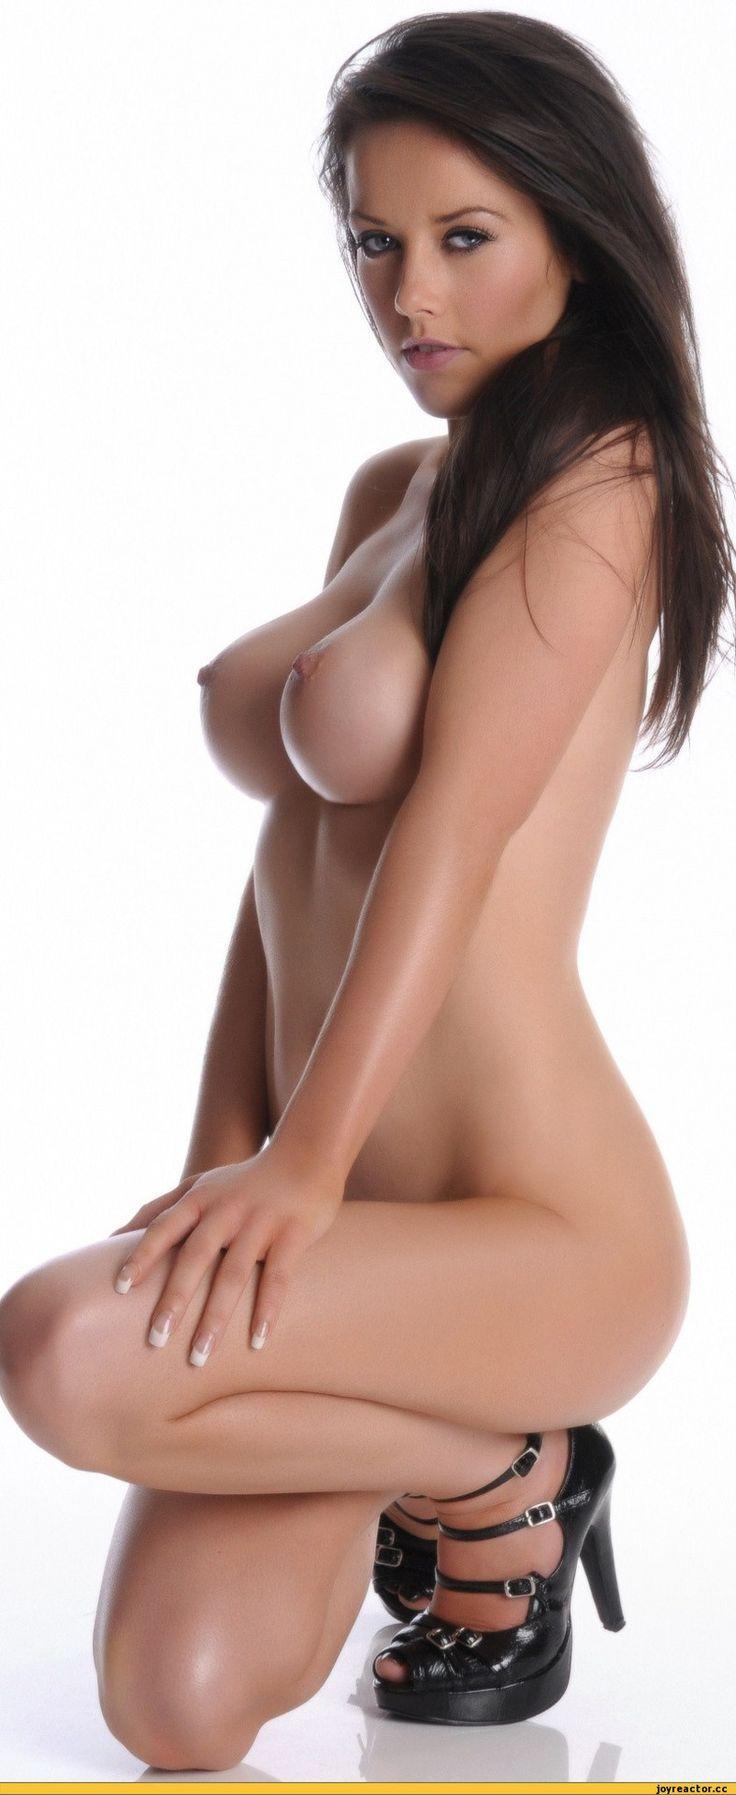 Cool Tits 23